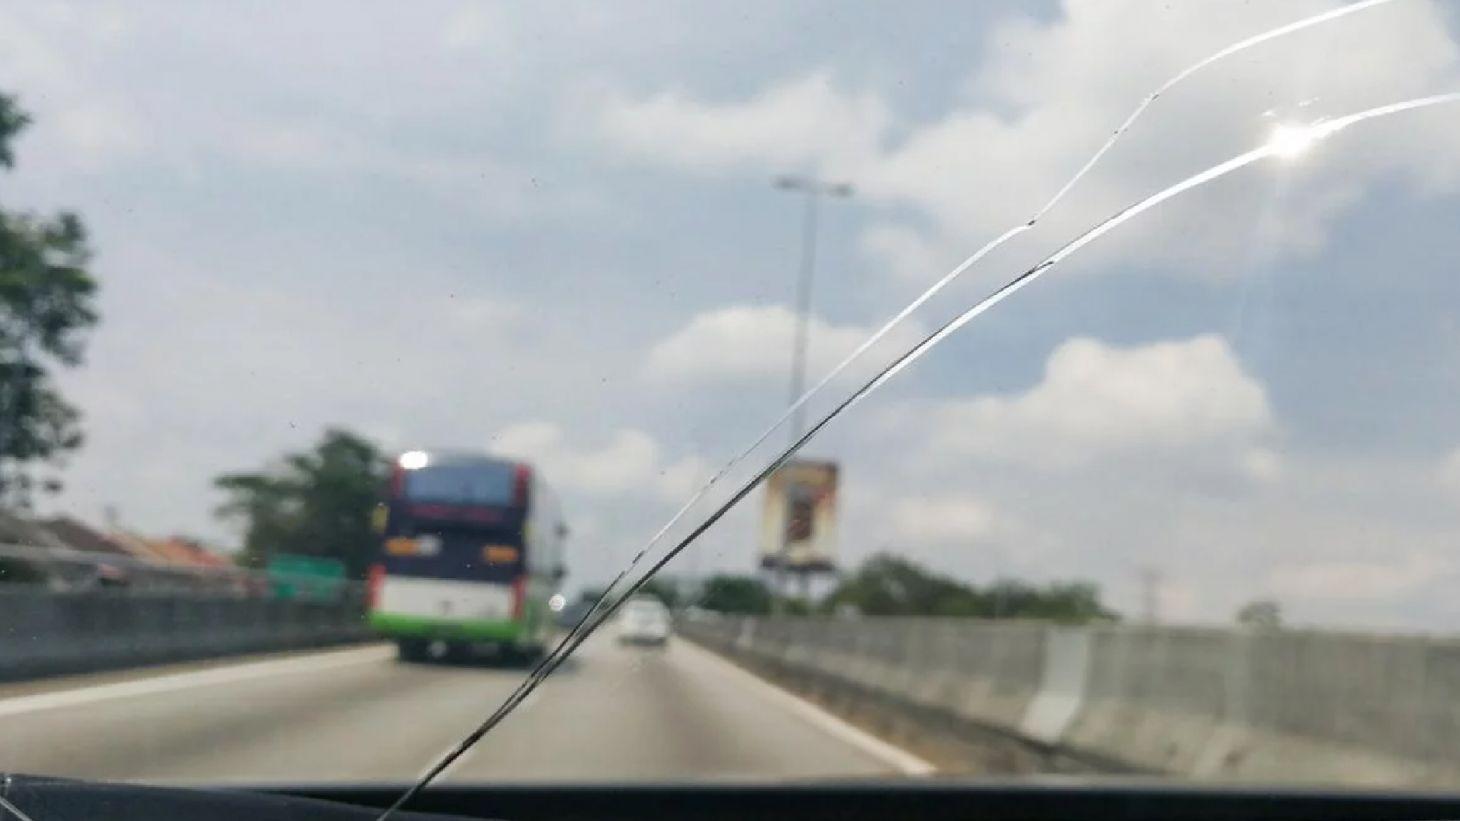 para brisa trincado no meio em uma rodovia